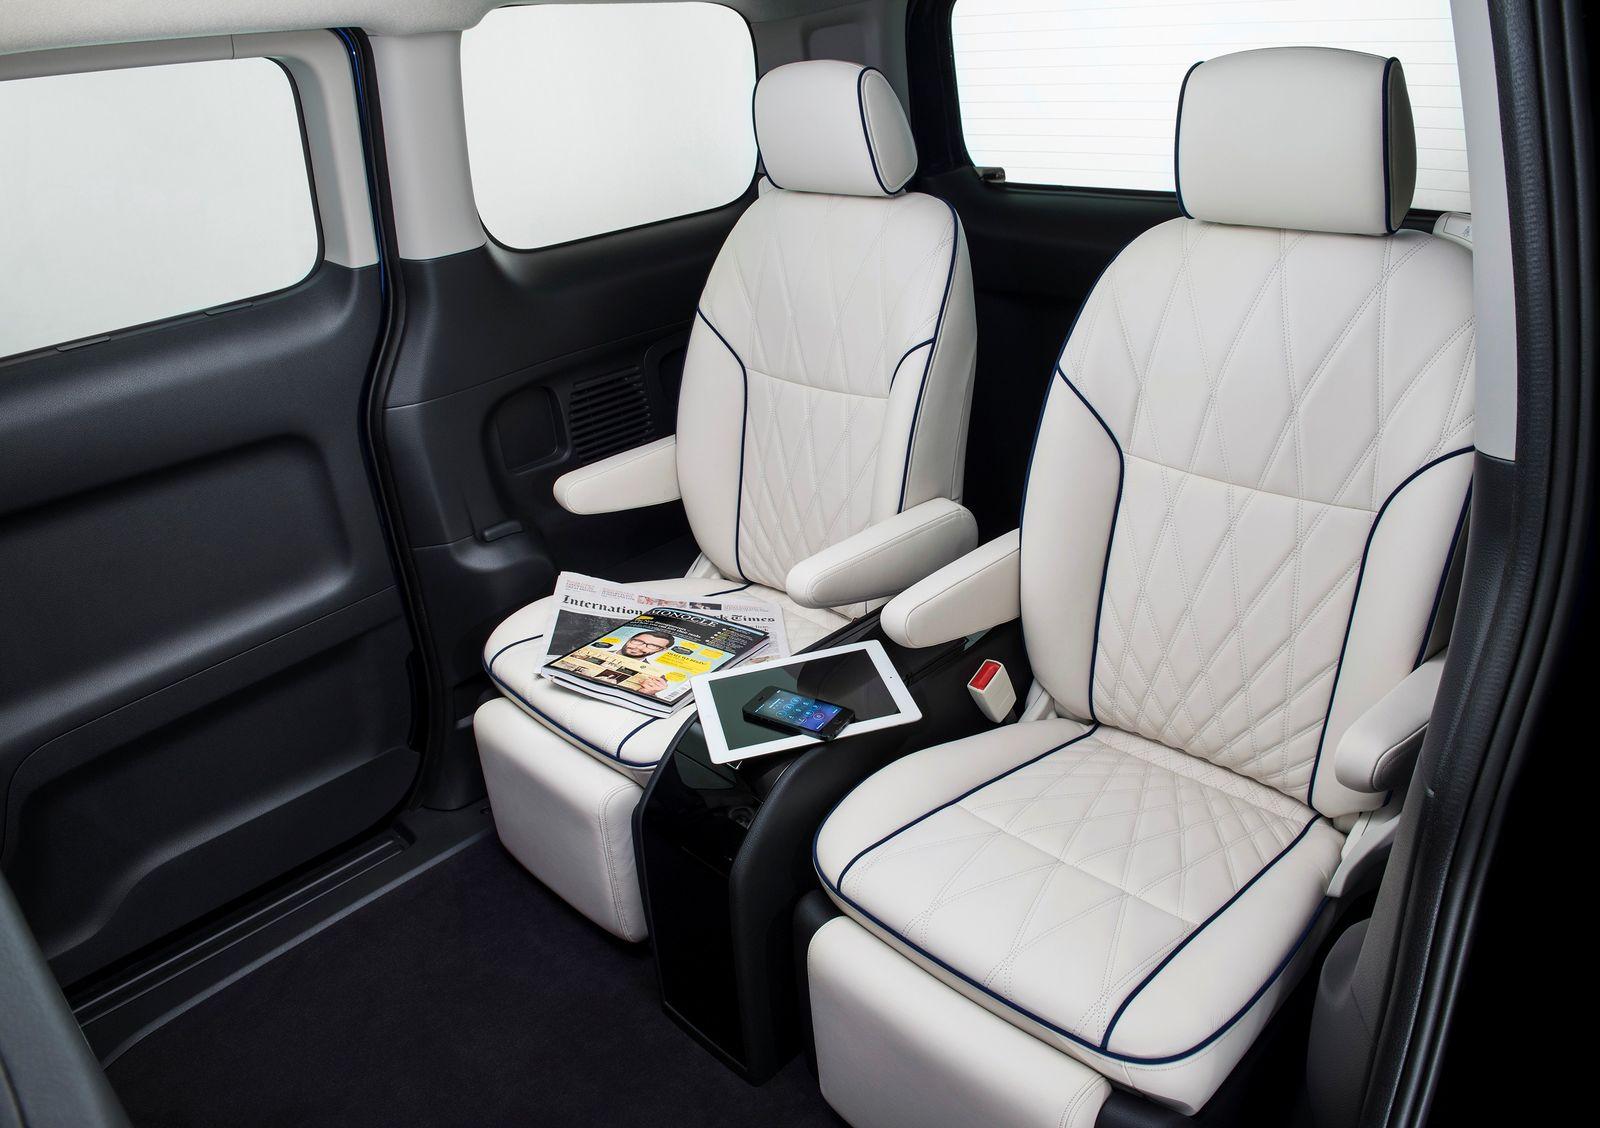 luxus(concept)version des e-nv200 - nissan e-nv200 | elektroauto forum